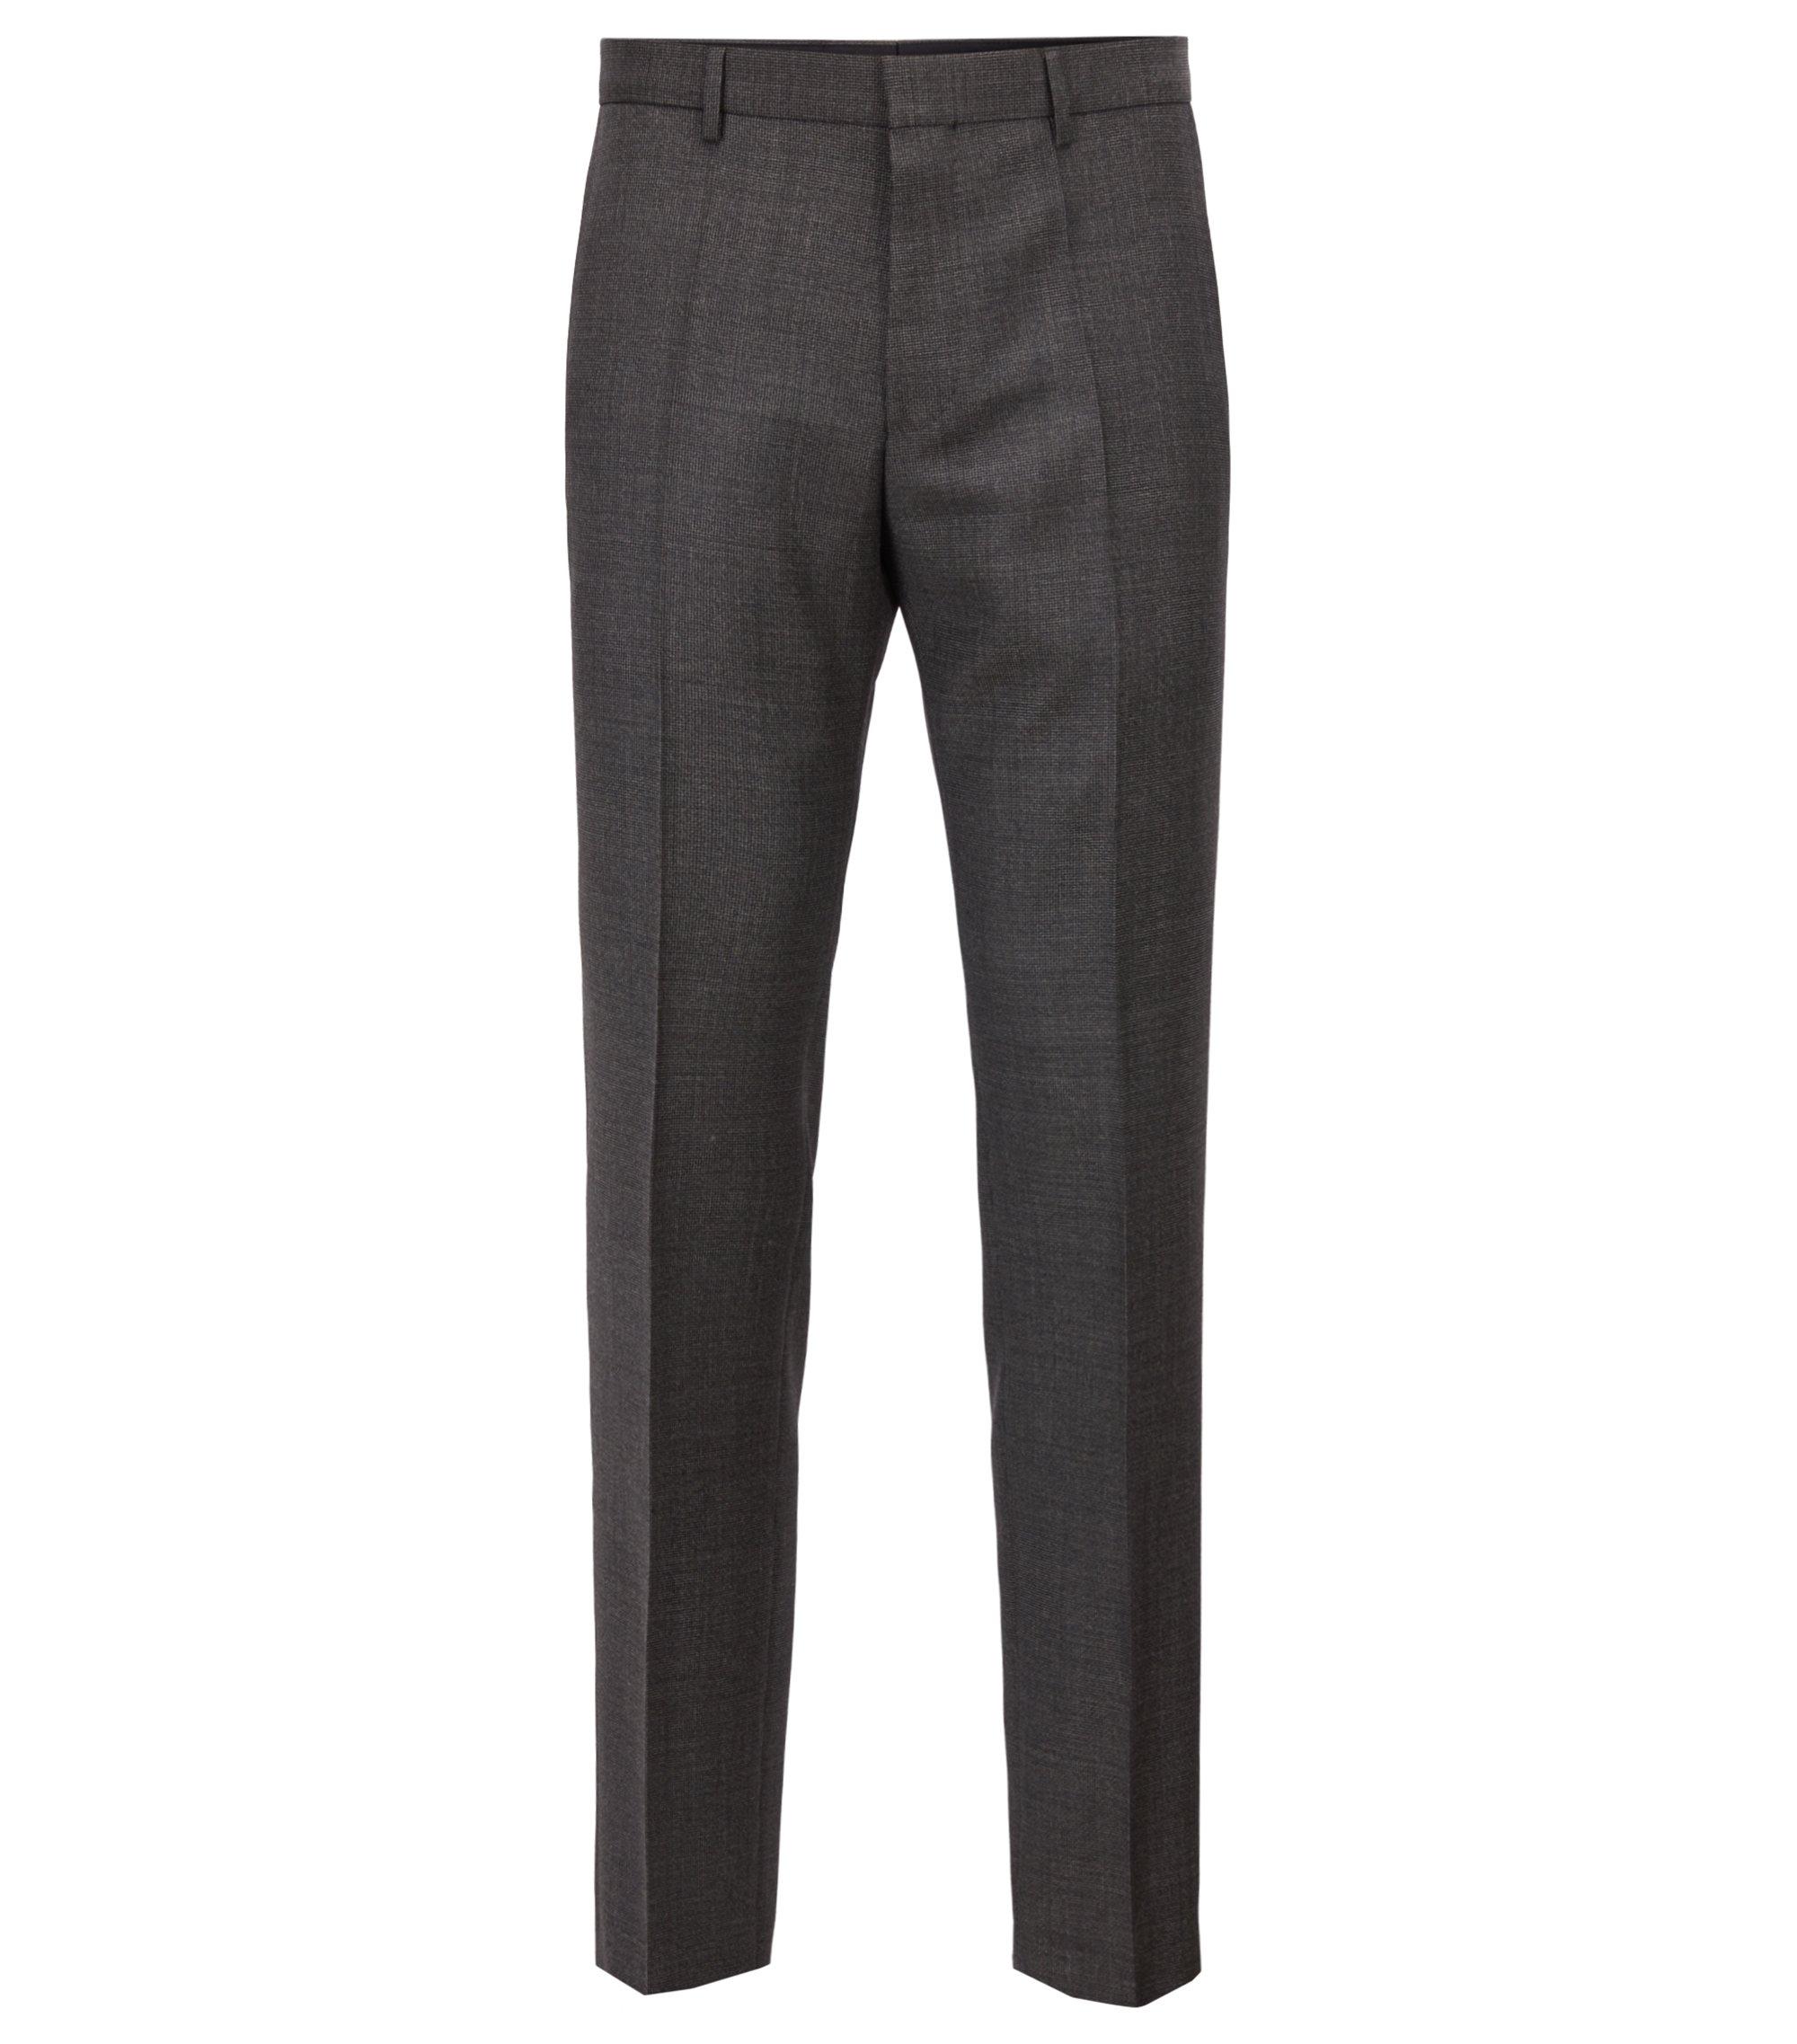 Slim-fit pants in patterned virgin wool, Open Green